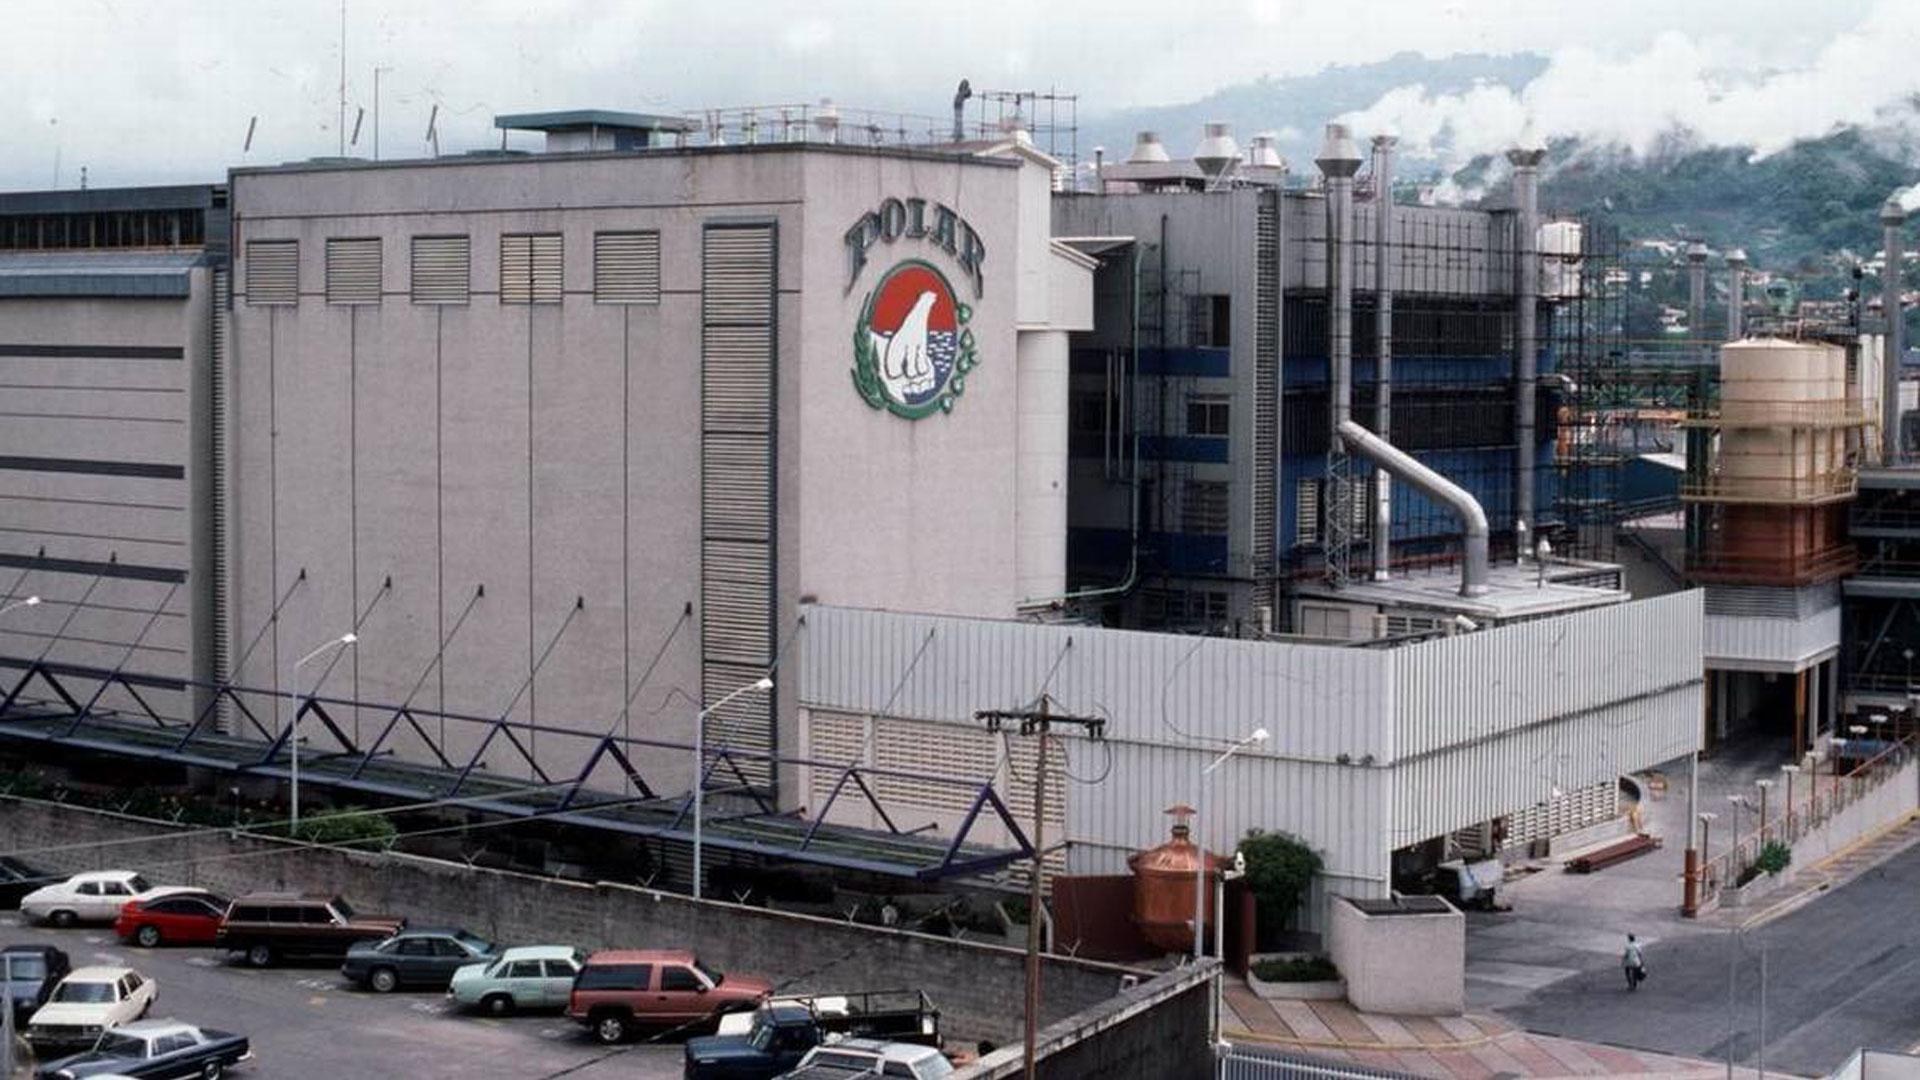 Polar detectó casos de covid-19 en empresa de seguridad asociada